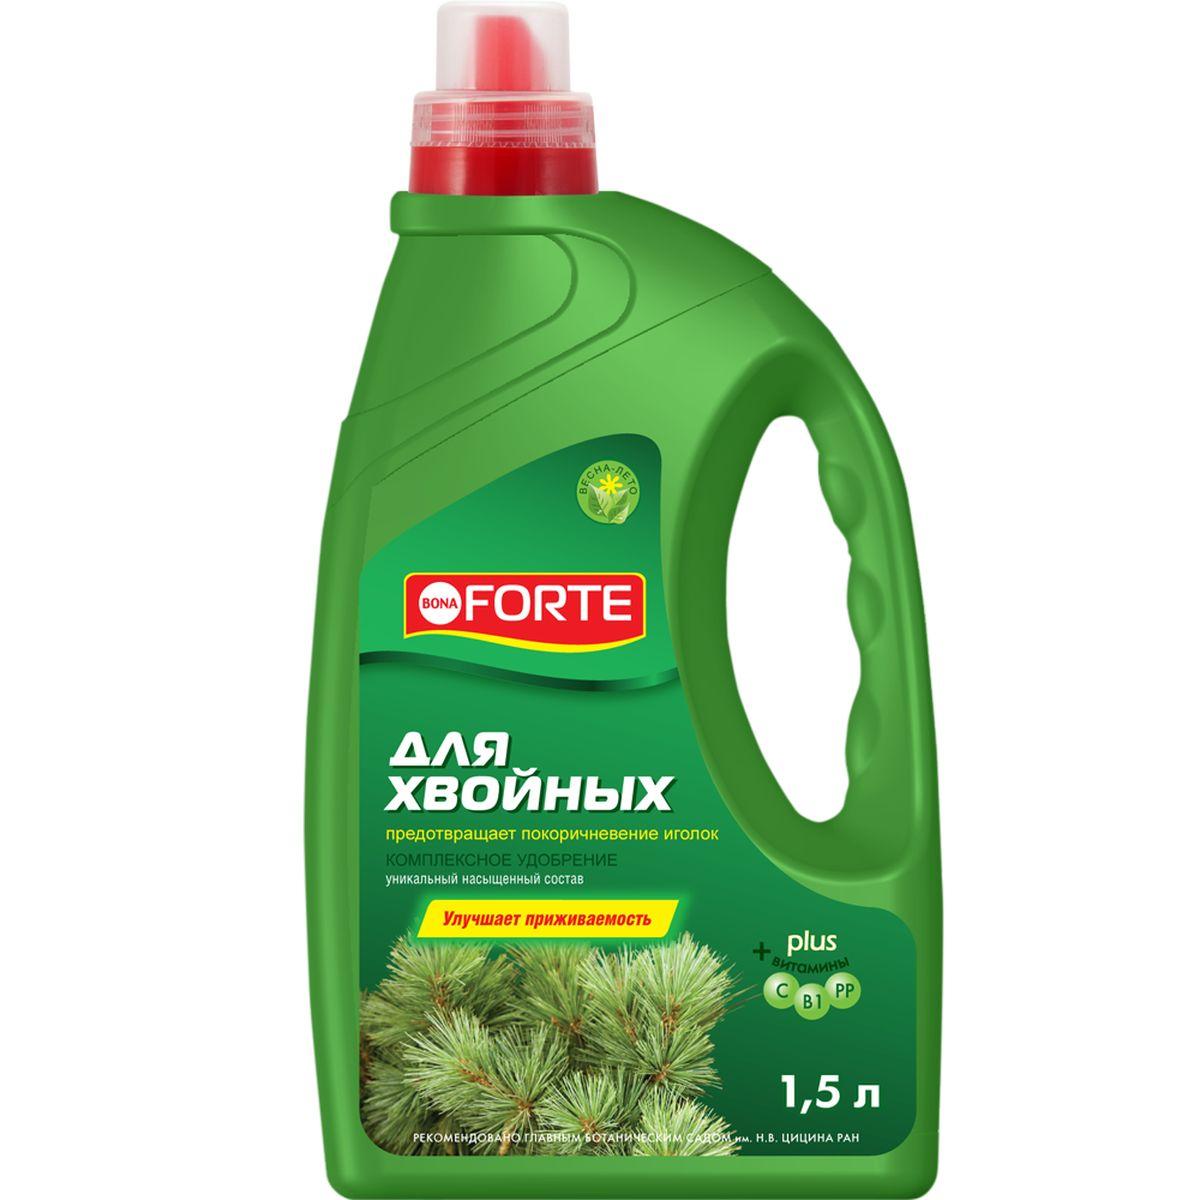 Жидкое комплексное удобрение Bona Forte, для хвойных растений, 1,5 лBF 21-04-010-1Концентрированное удобрение рекомендуется как основное питание растений, предотвращает потемнение хвои. Содержит полный комплекс веществ, необходимых для полноценного питания растений: высокая доля (9 %) основных элементов (NPK), обеспечивает сбалансированное питание хвойных растений;высокая доля (0,5 %) мезоэлемента (Mg), делает ярко-зеленый и сочный цвет иголок, а также повышает устойчивость к неблагоприятным внешним условиям;комплекс основных микроэлементов в хелатной форме, способствует полному их усвоению и пролонгированному действию;комплекс витаминов для поддержания и укрепления иммунной системы хвойных растений;регулятор роста для стимулирования роста хвойных растений. Товар сертифицирован.